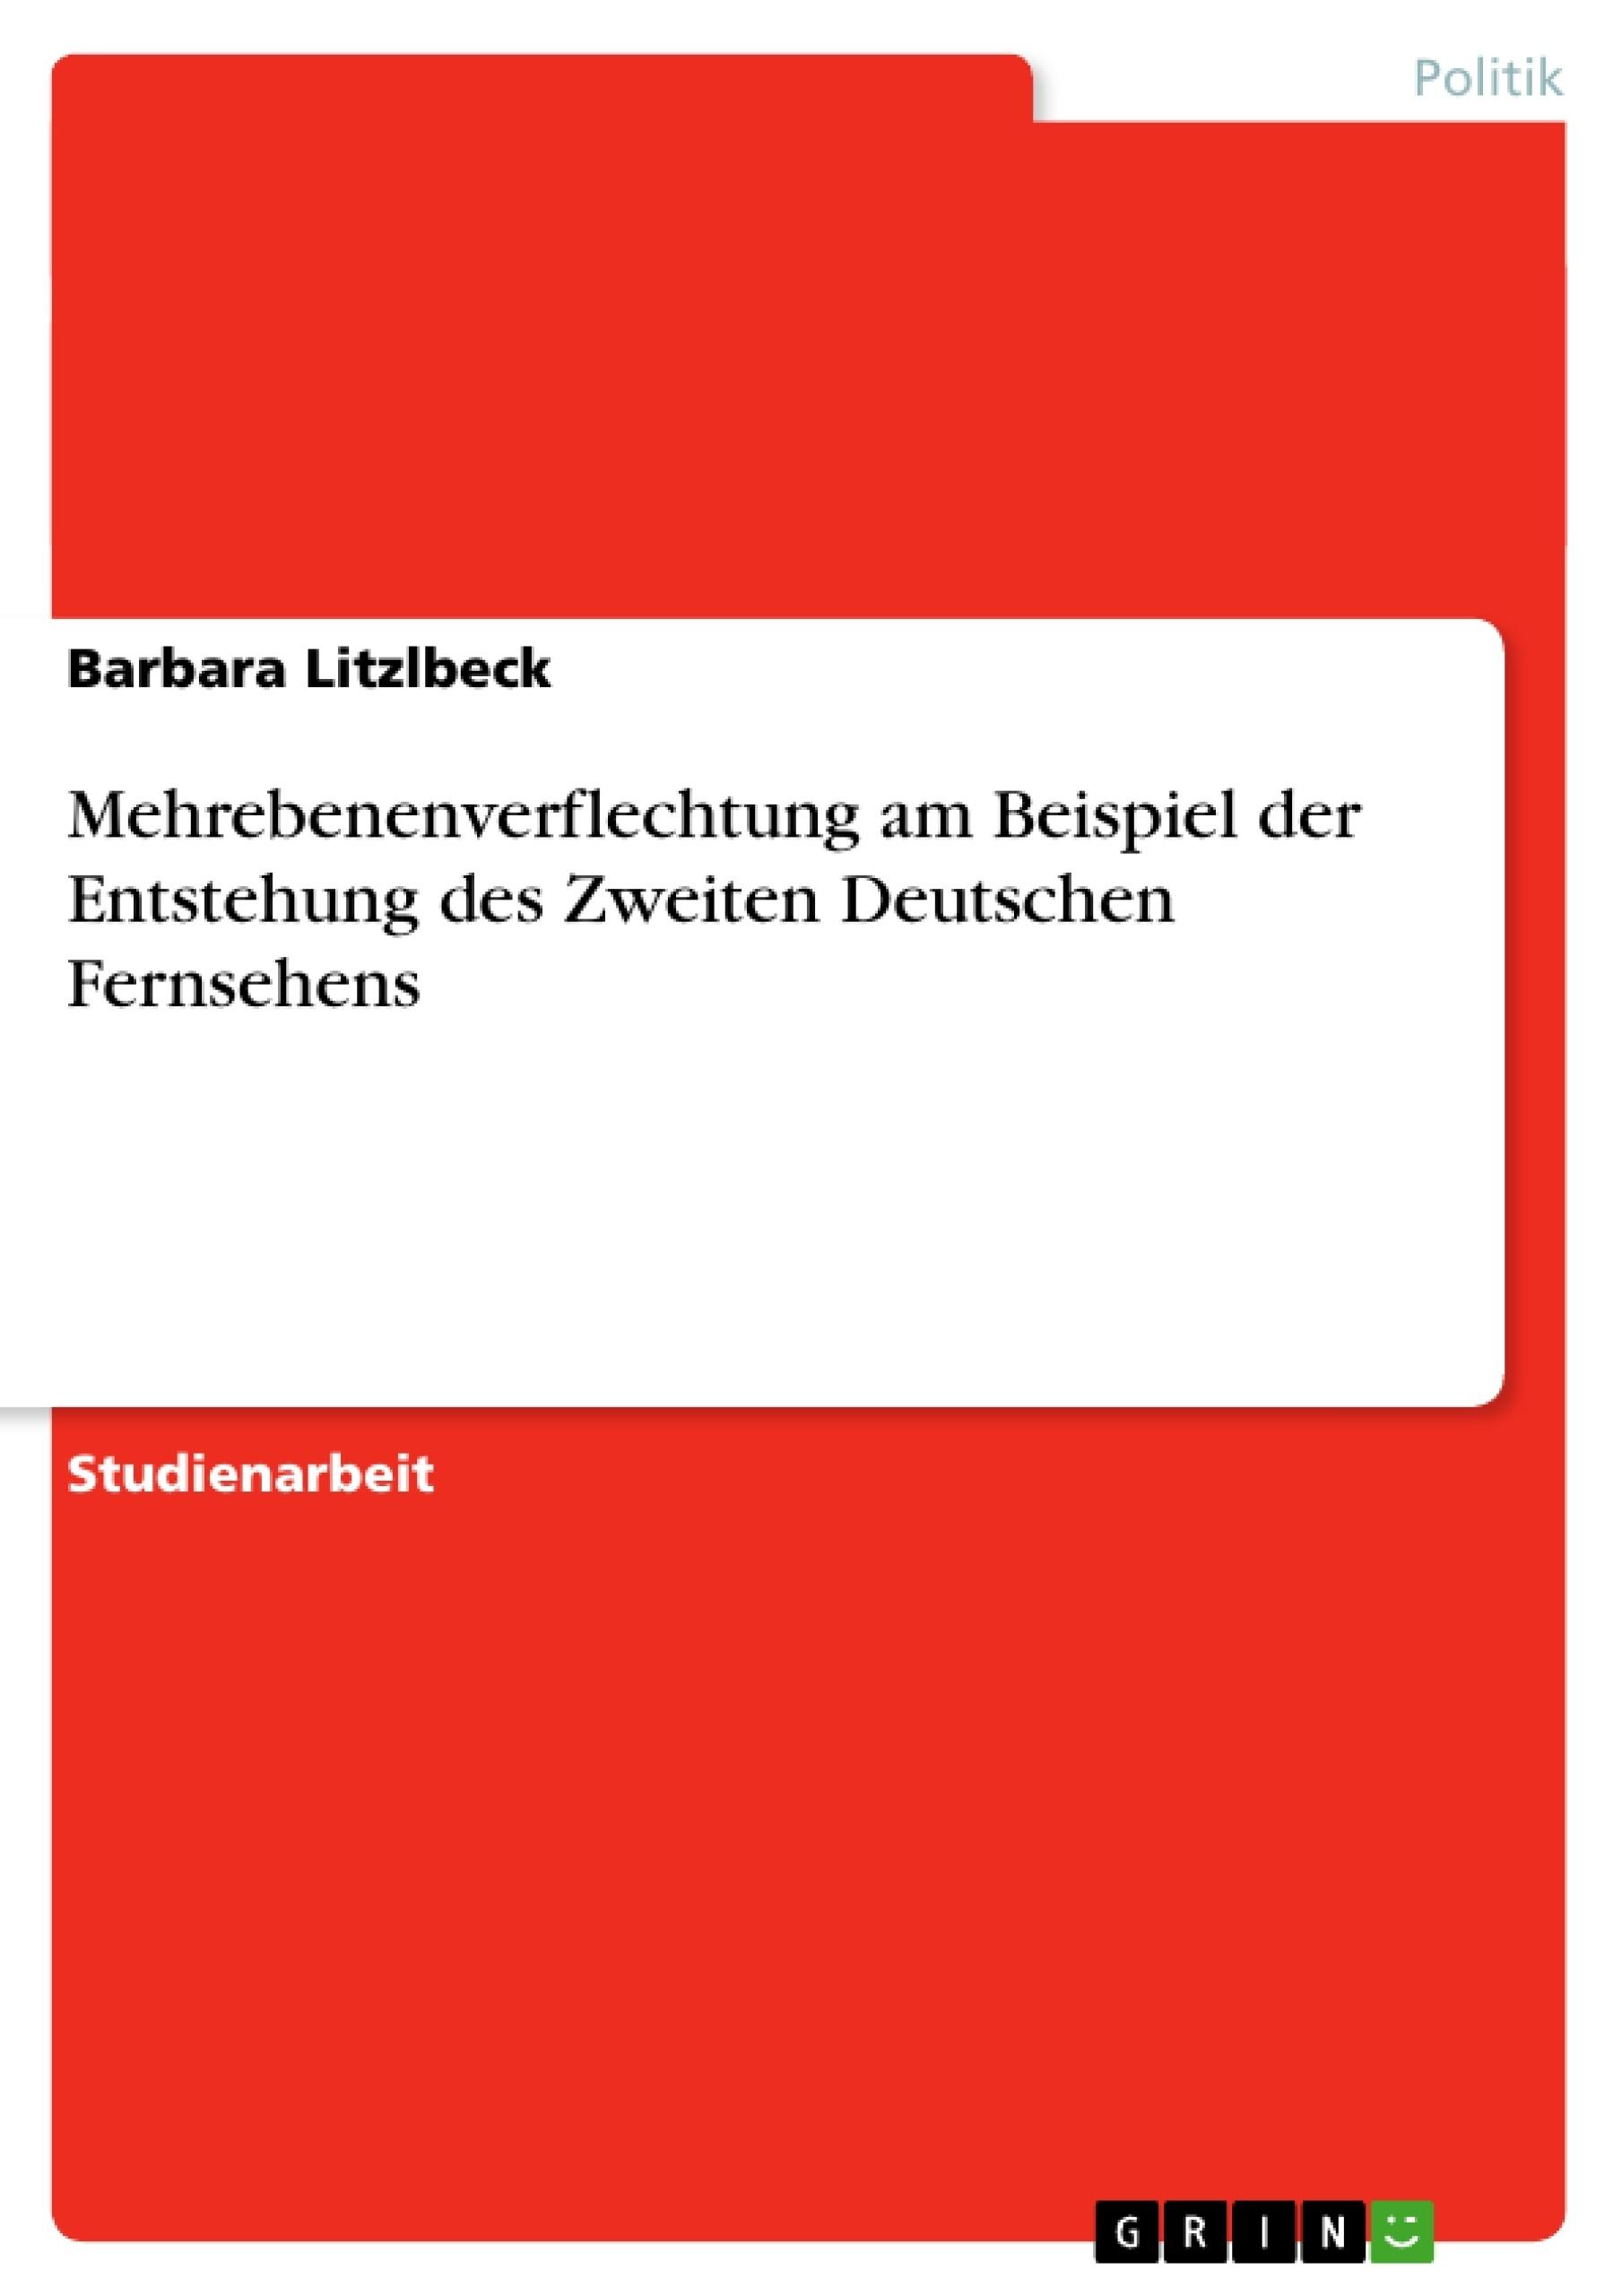 Titel: Mehrebenenverflechtung am Beispiel der Entstehung des Zweiten Deutschen Fernsehens